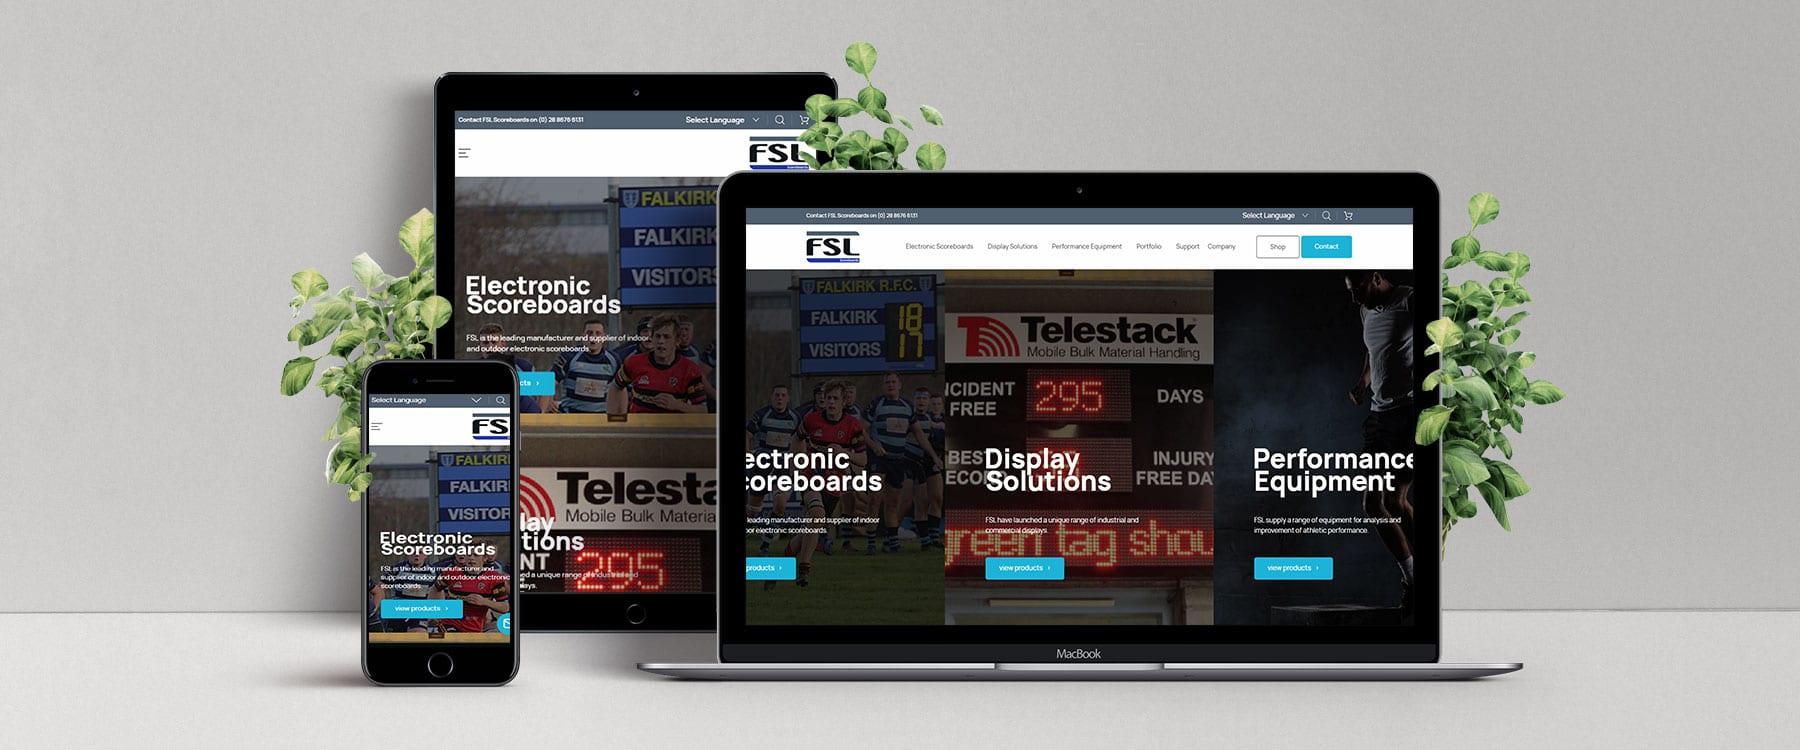 FSL Scoreboards Image First